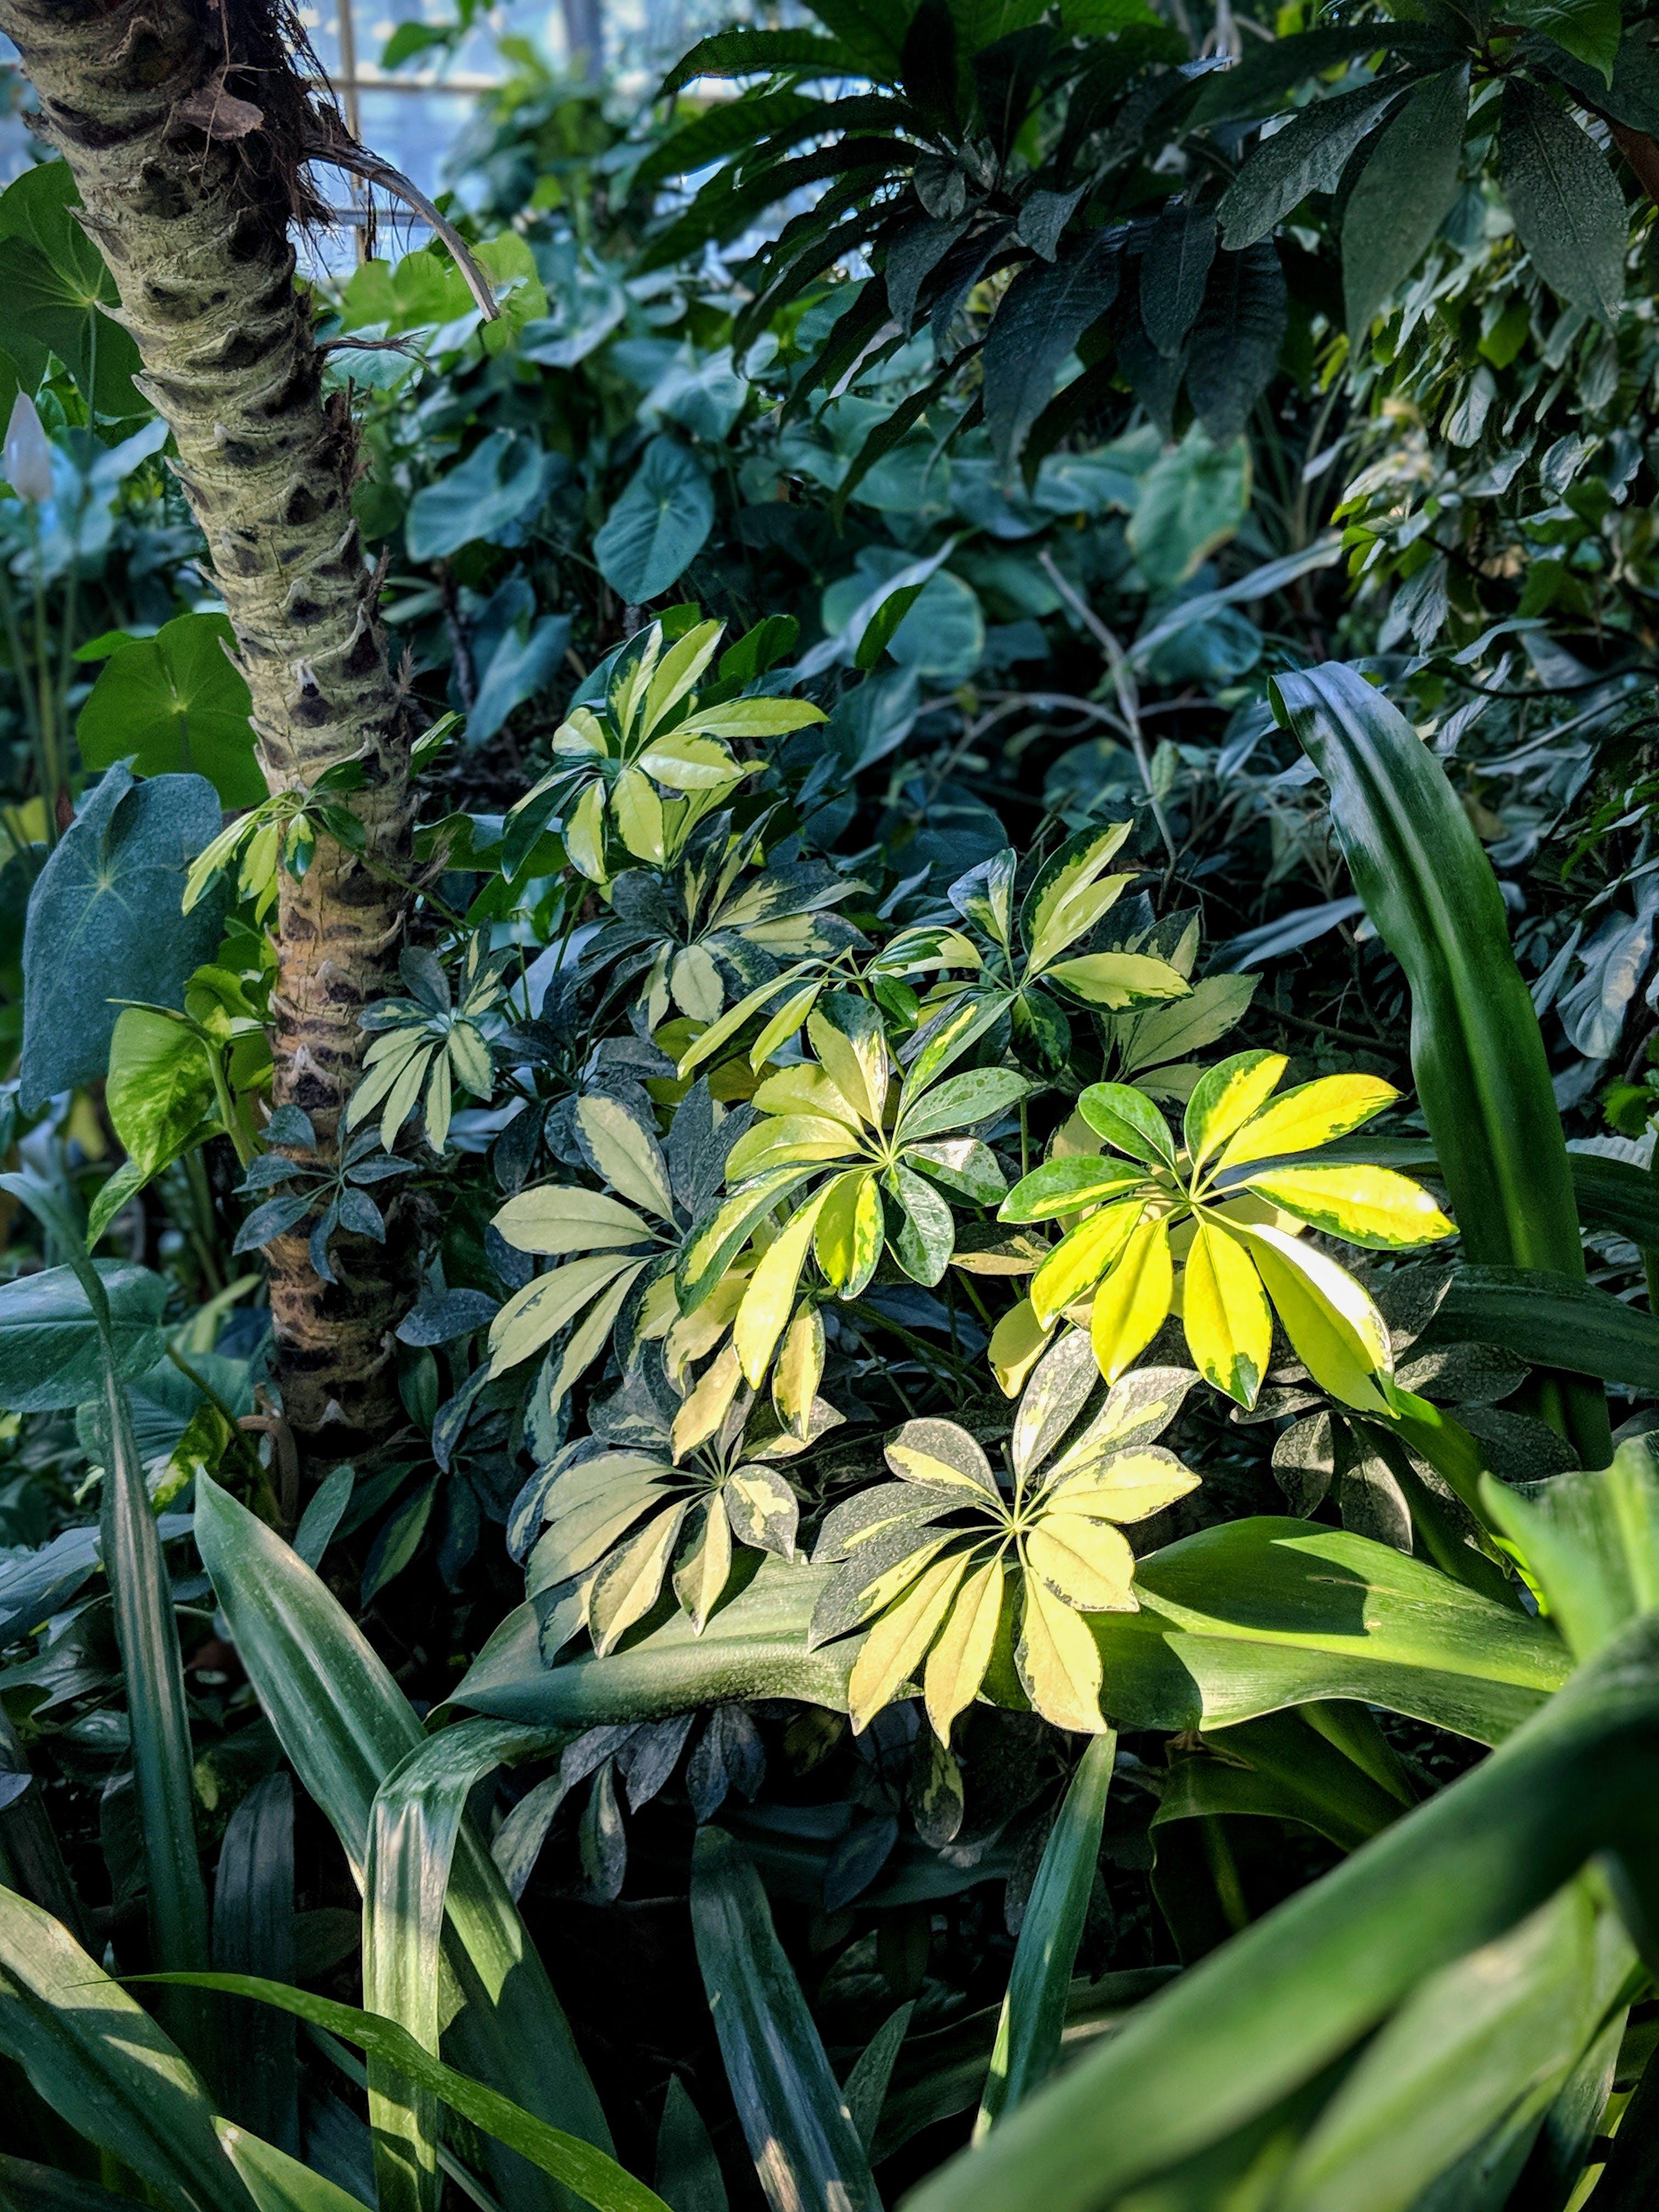 노란색, 녹색, 식물, 식물군의 무료 스톡 사진